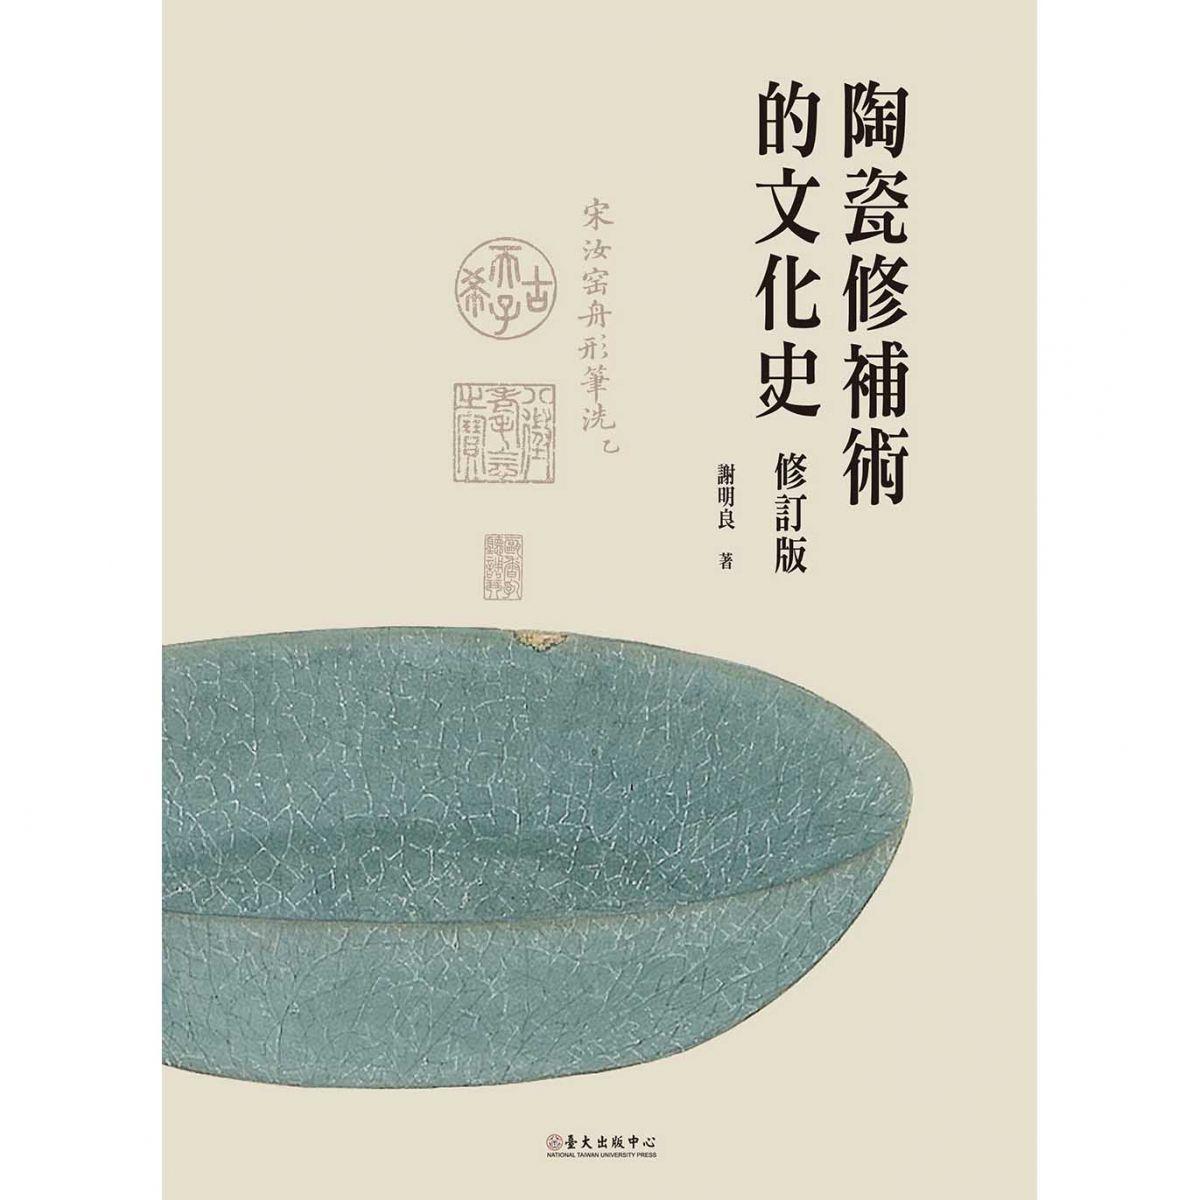 《陶瓷修補術的文化史(修訂版)》從文化史省思陶瓷修補術諸面相